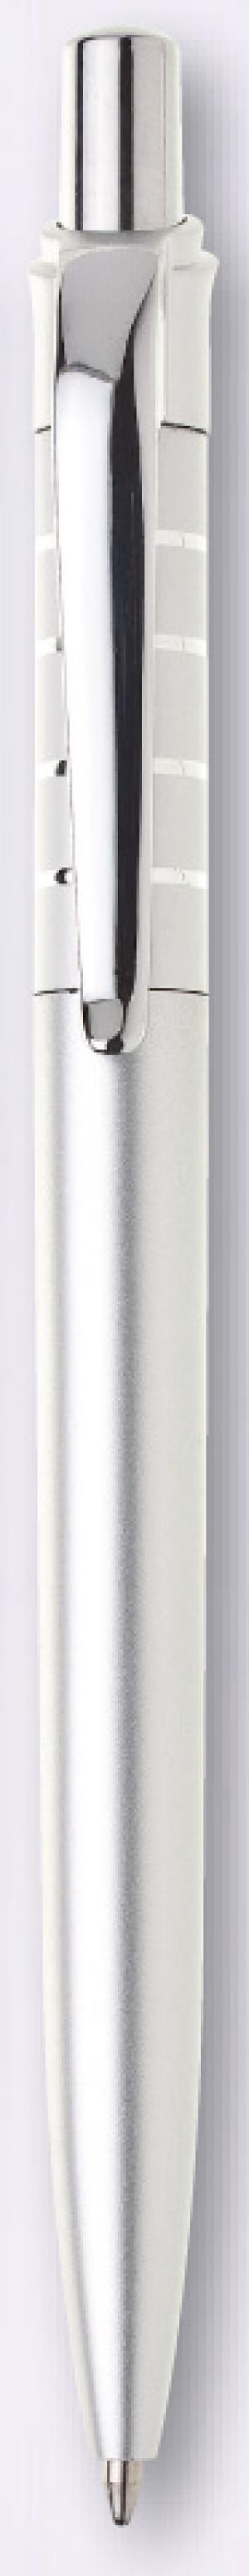 Kugelschreiber HZ 9225 C Metalic